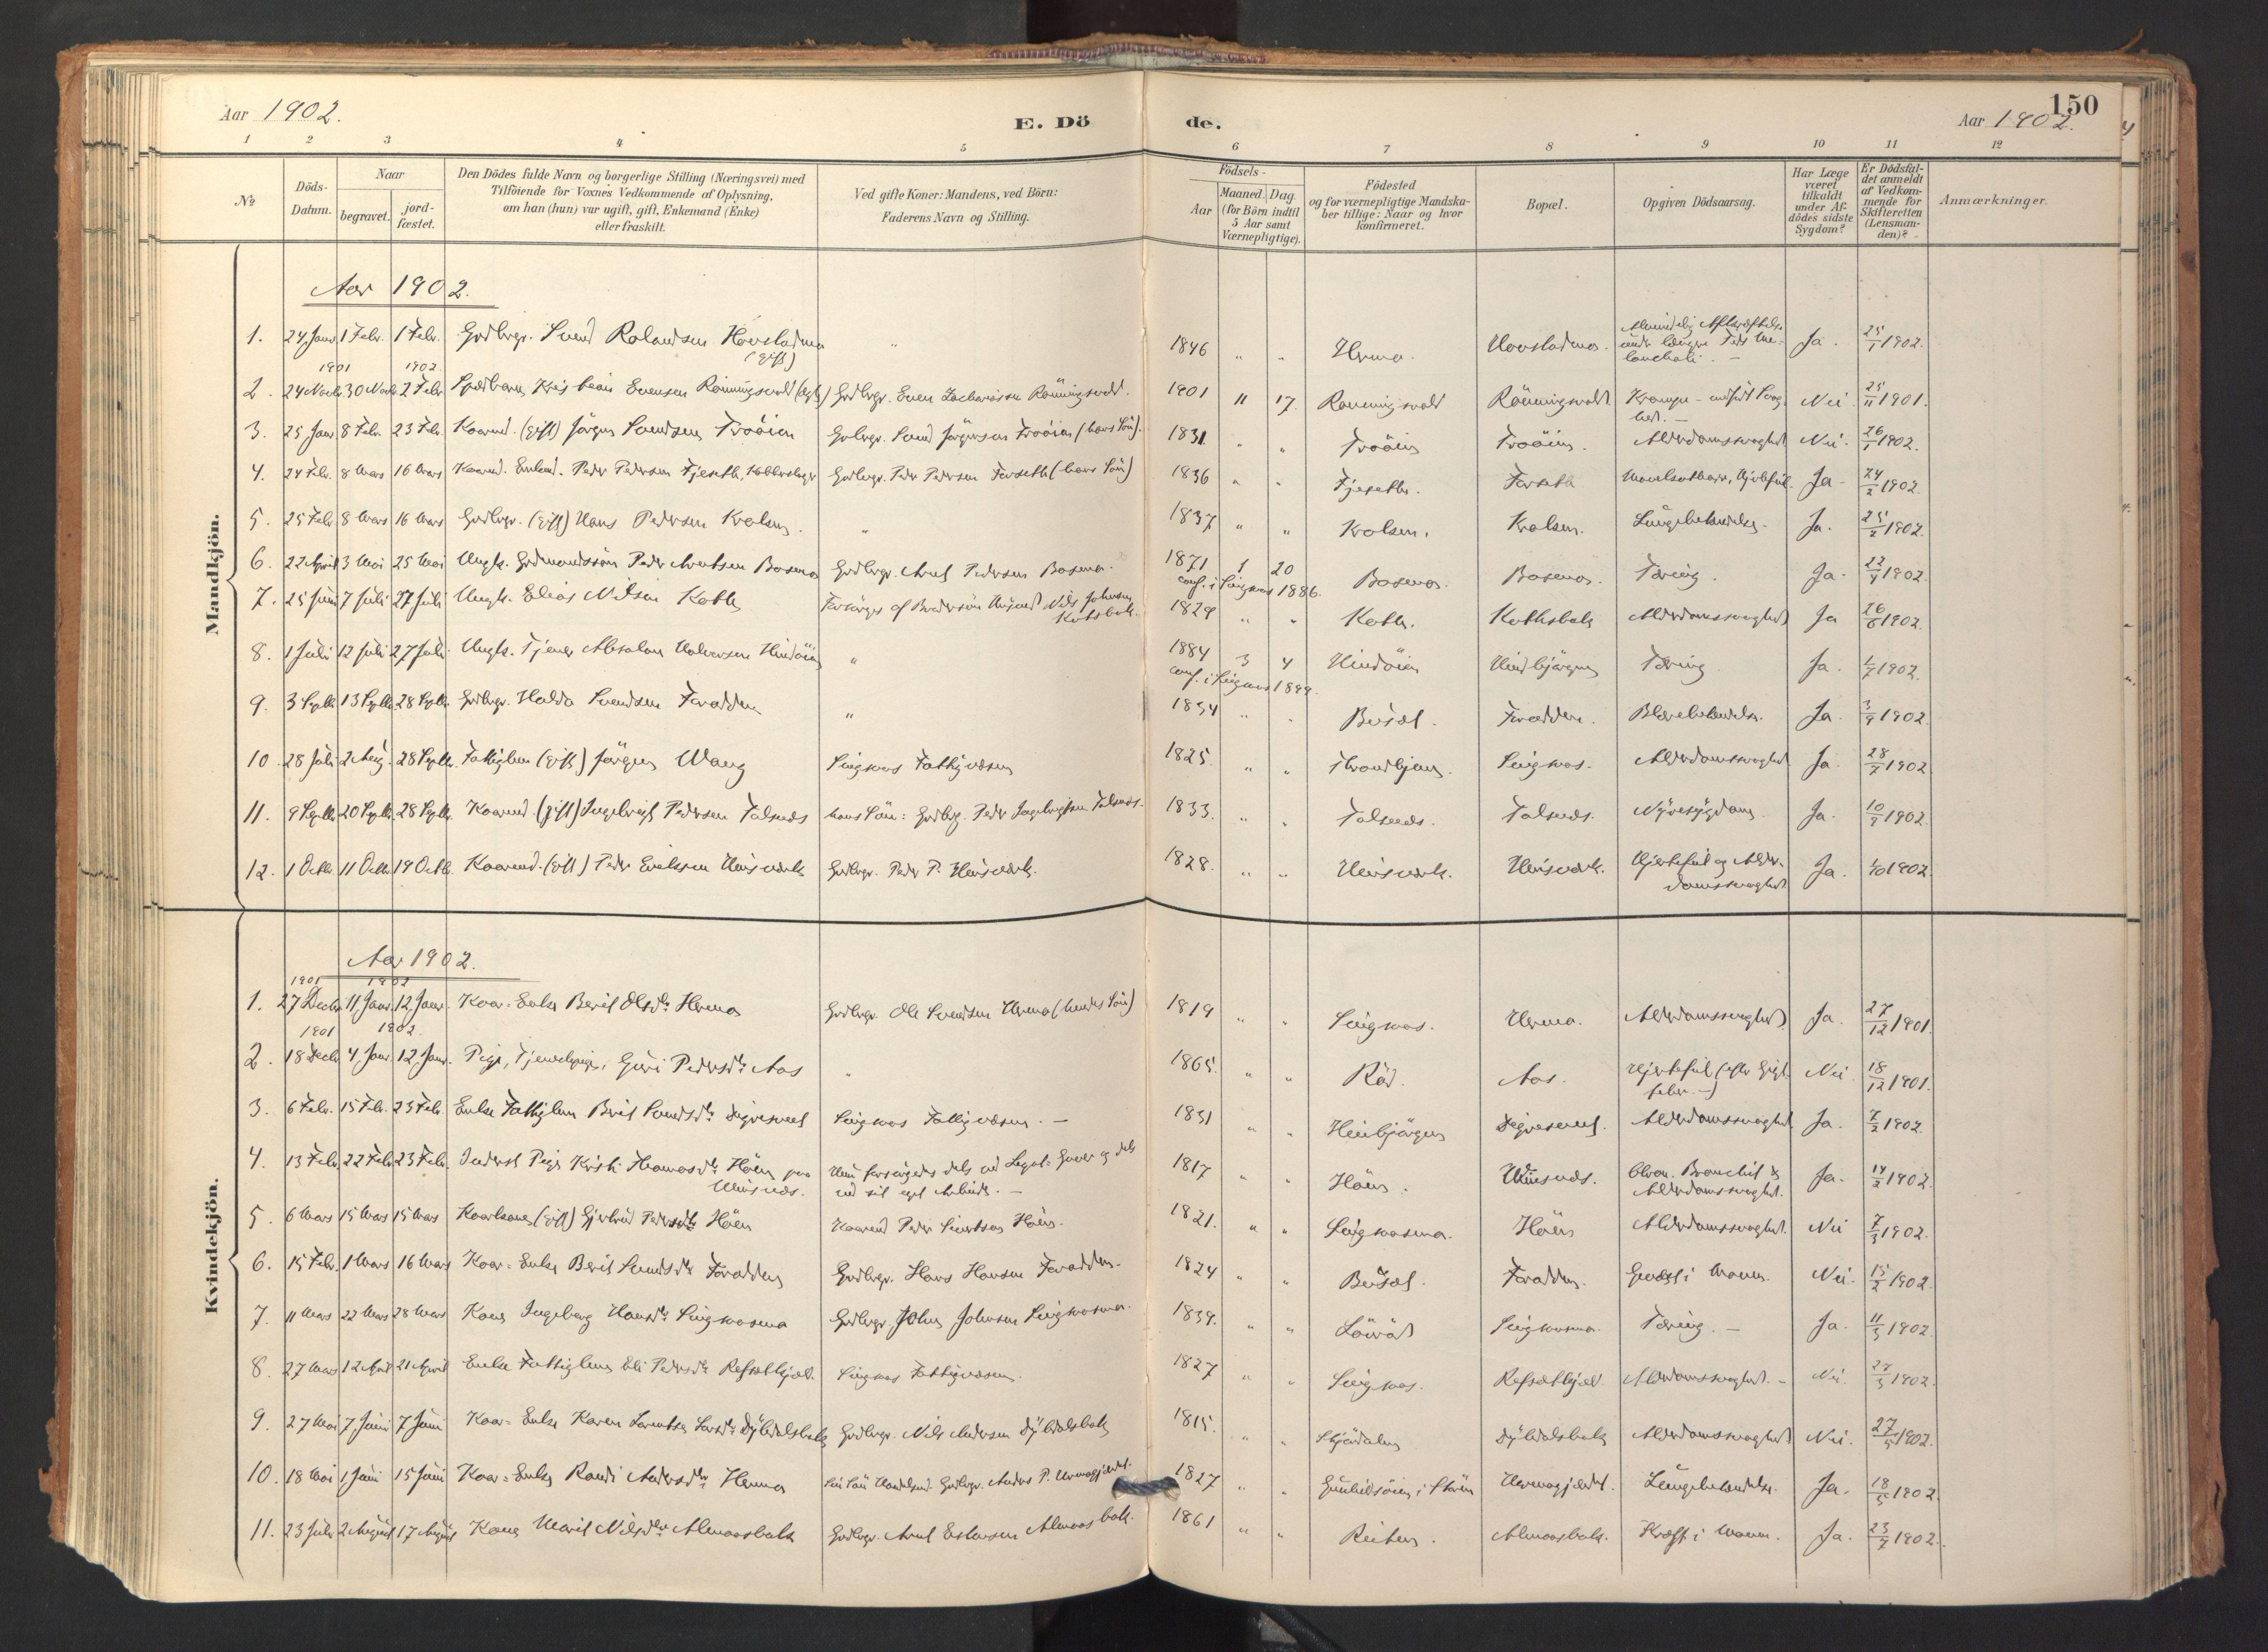 SAT, Ministerialprotokoller, klokkerbøker og fødselsregistre - Sør-Trøndelag, 688/L1025: Ministerialbok nr. 688A02, 1891-1909, s. 150